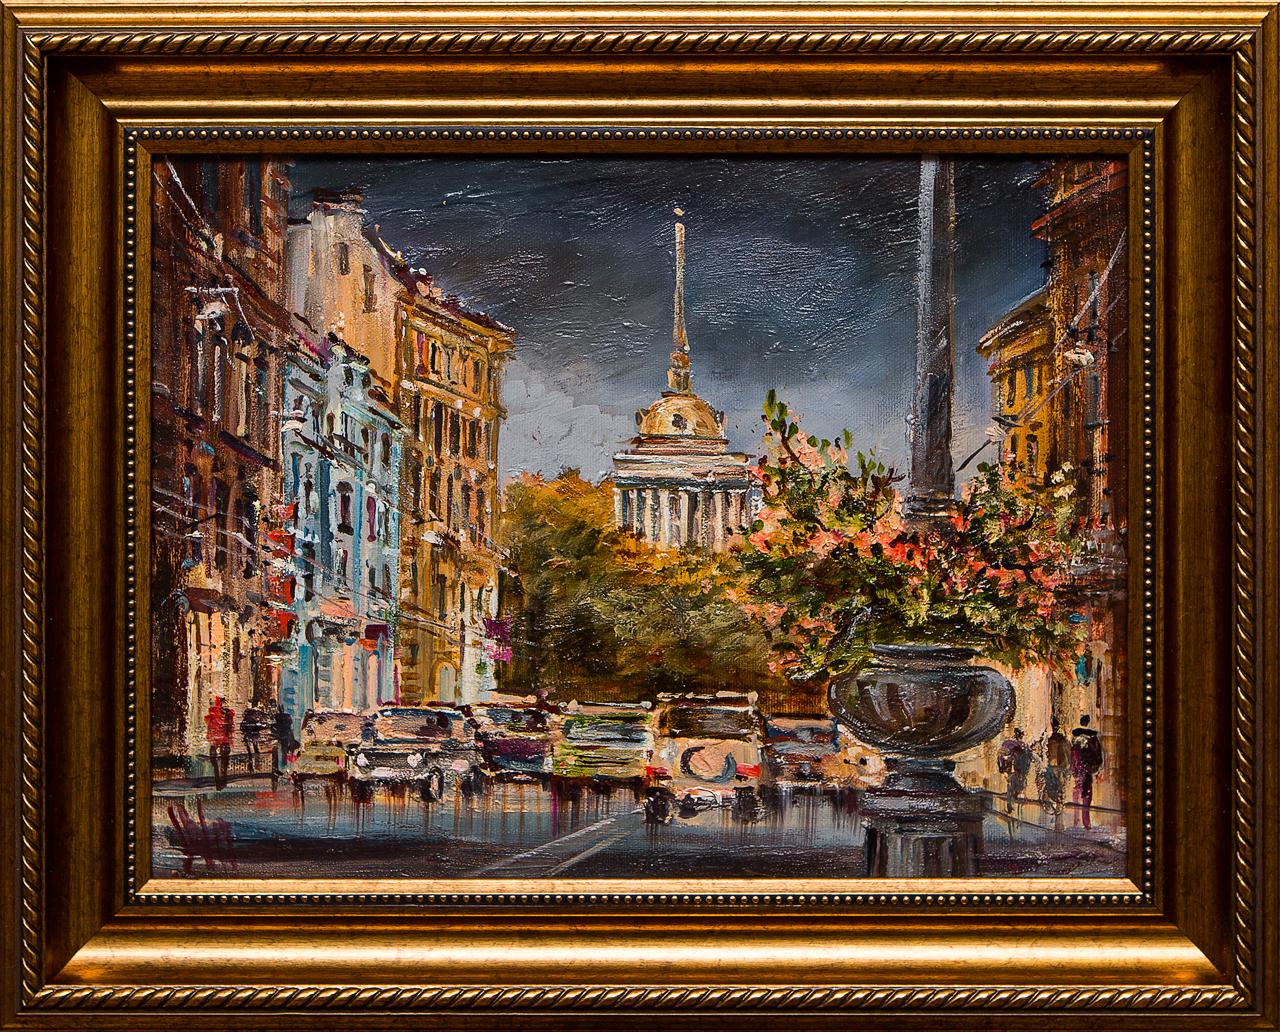 Картина маслом Шумный город Шеренкова картина маслом город шеренкова